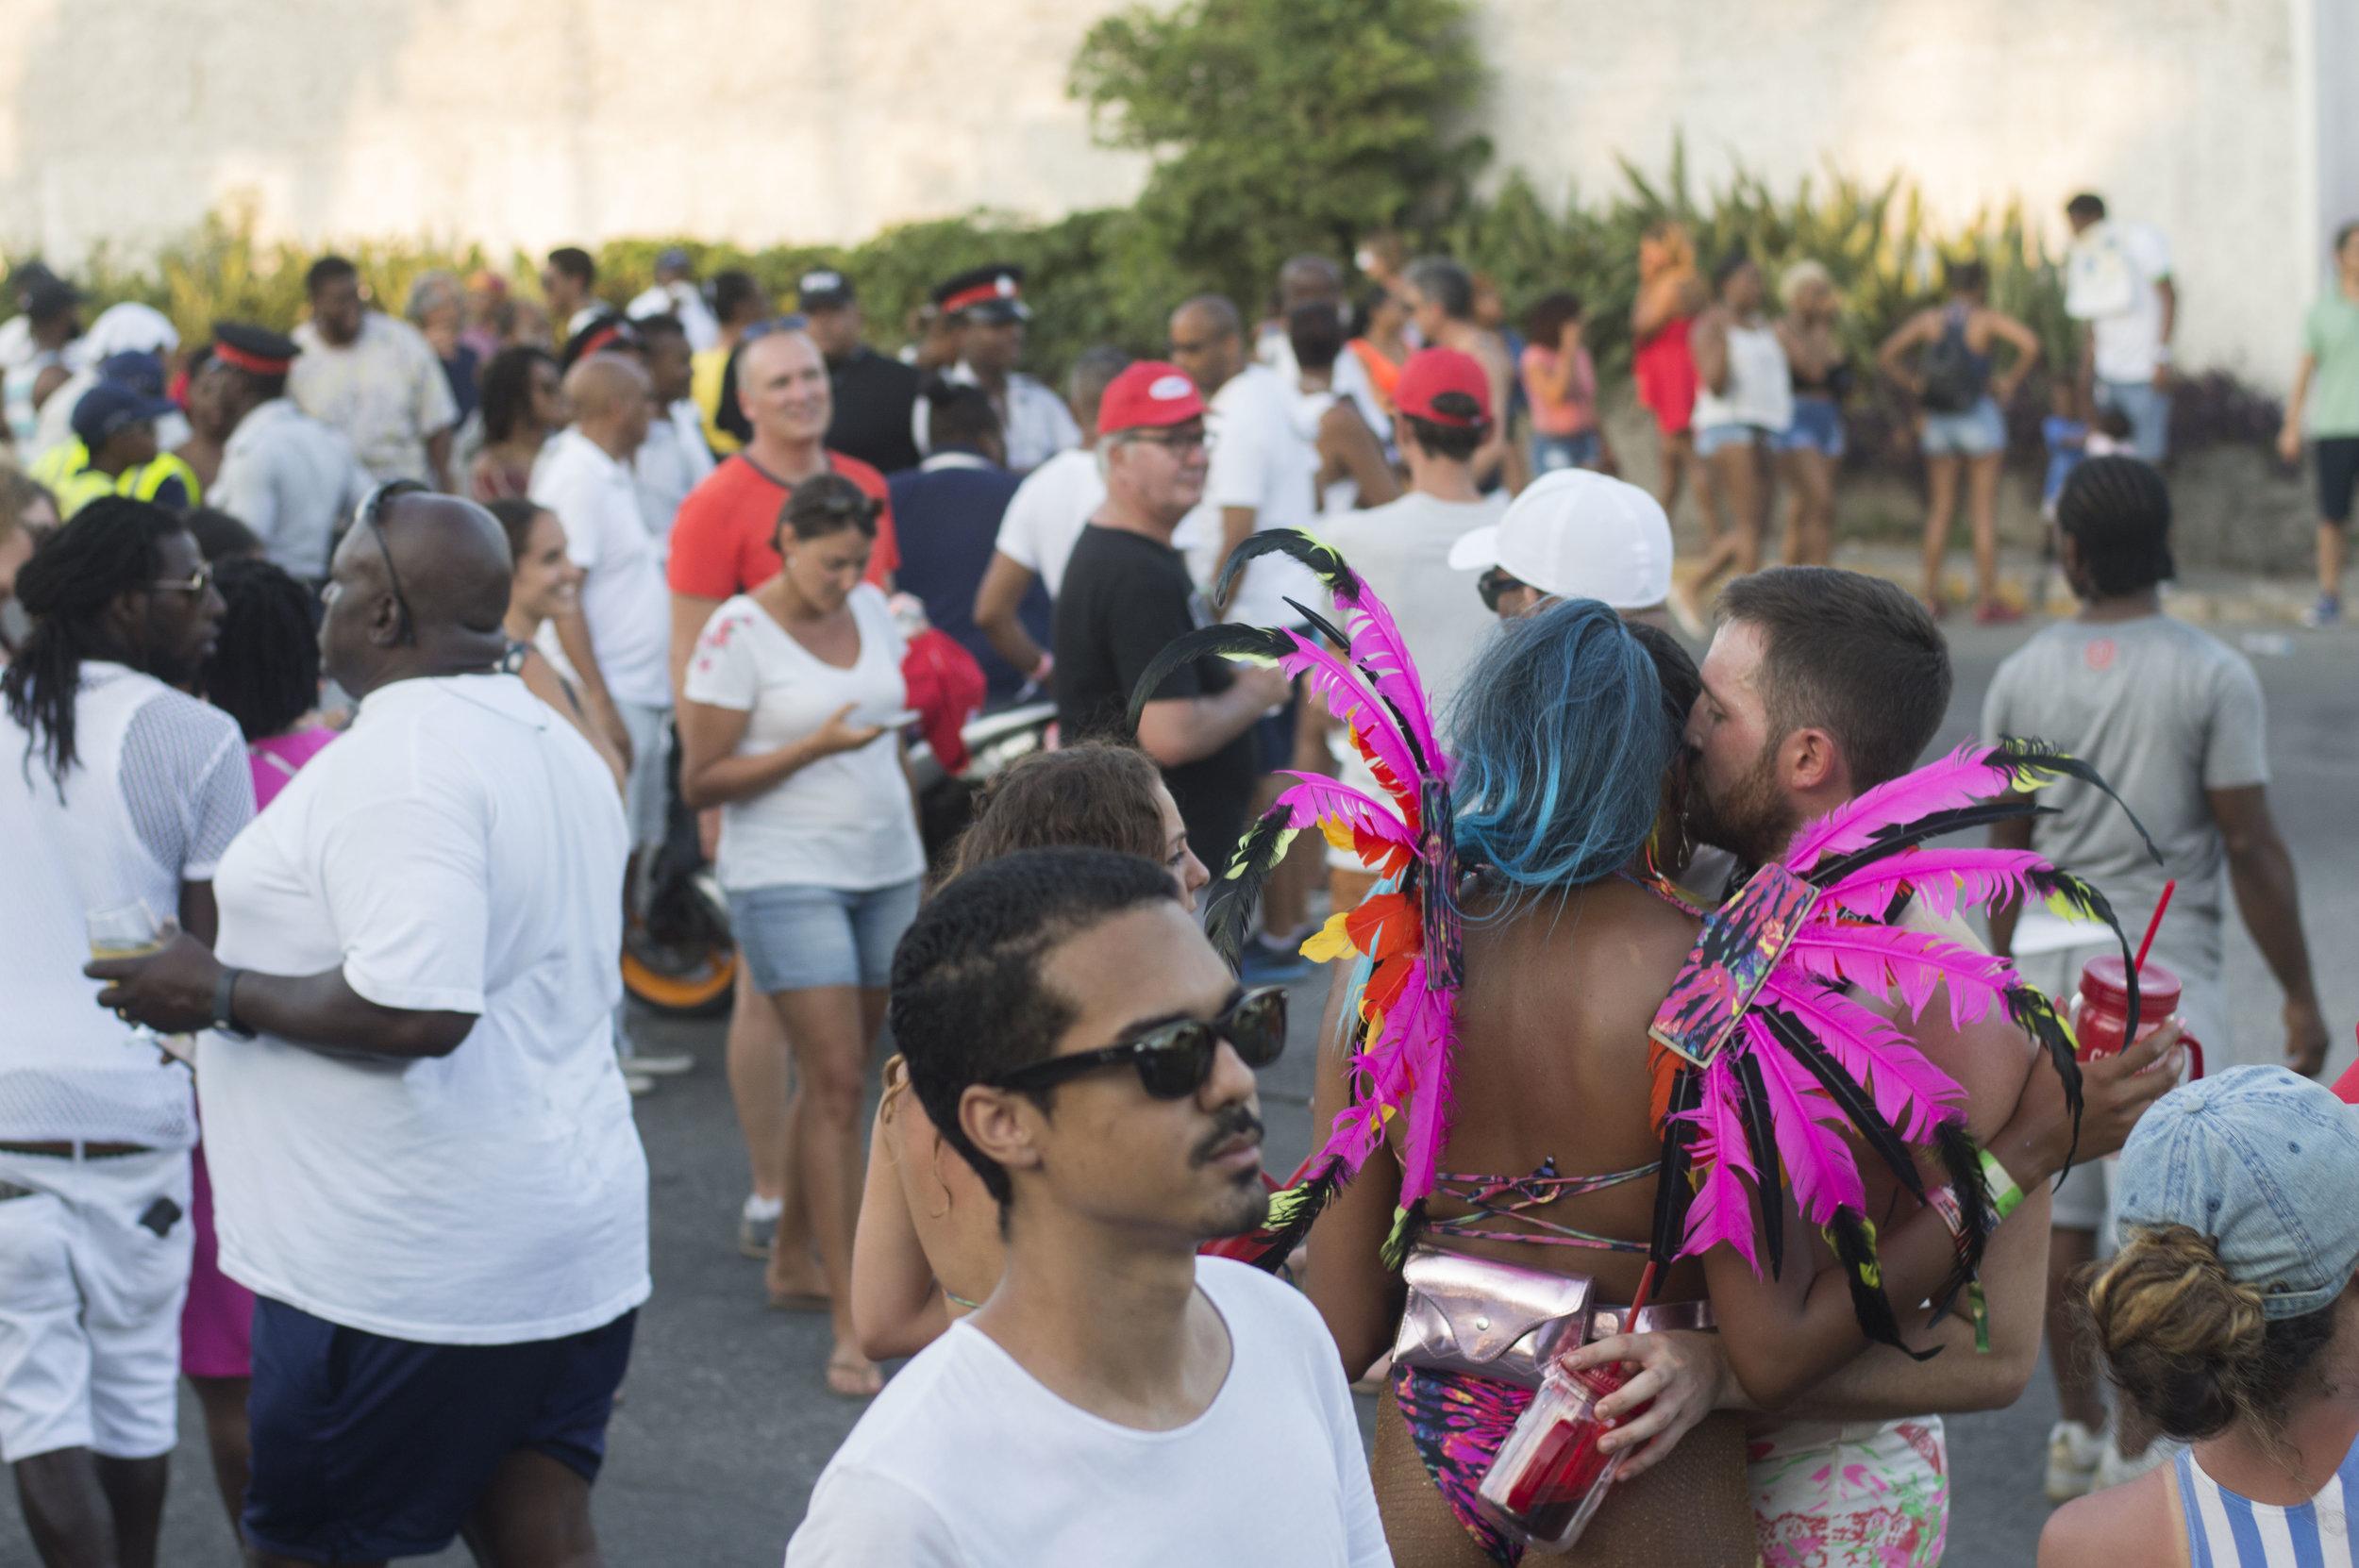 carnival2019_jeanalindo-57.jpg